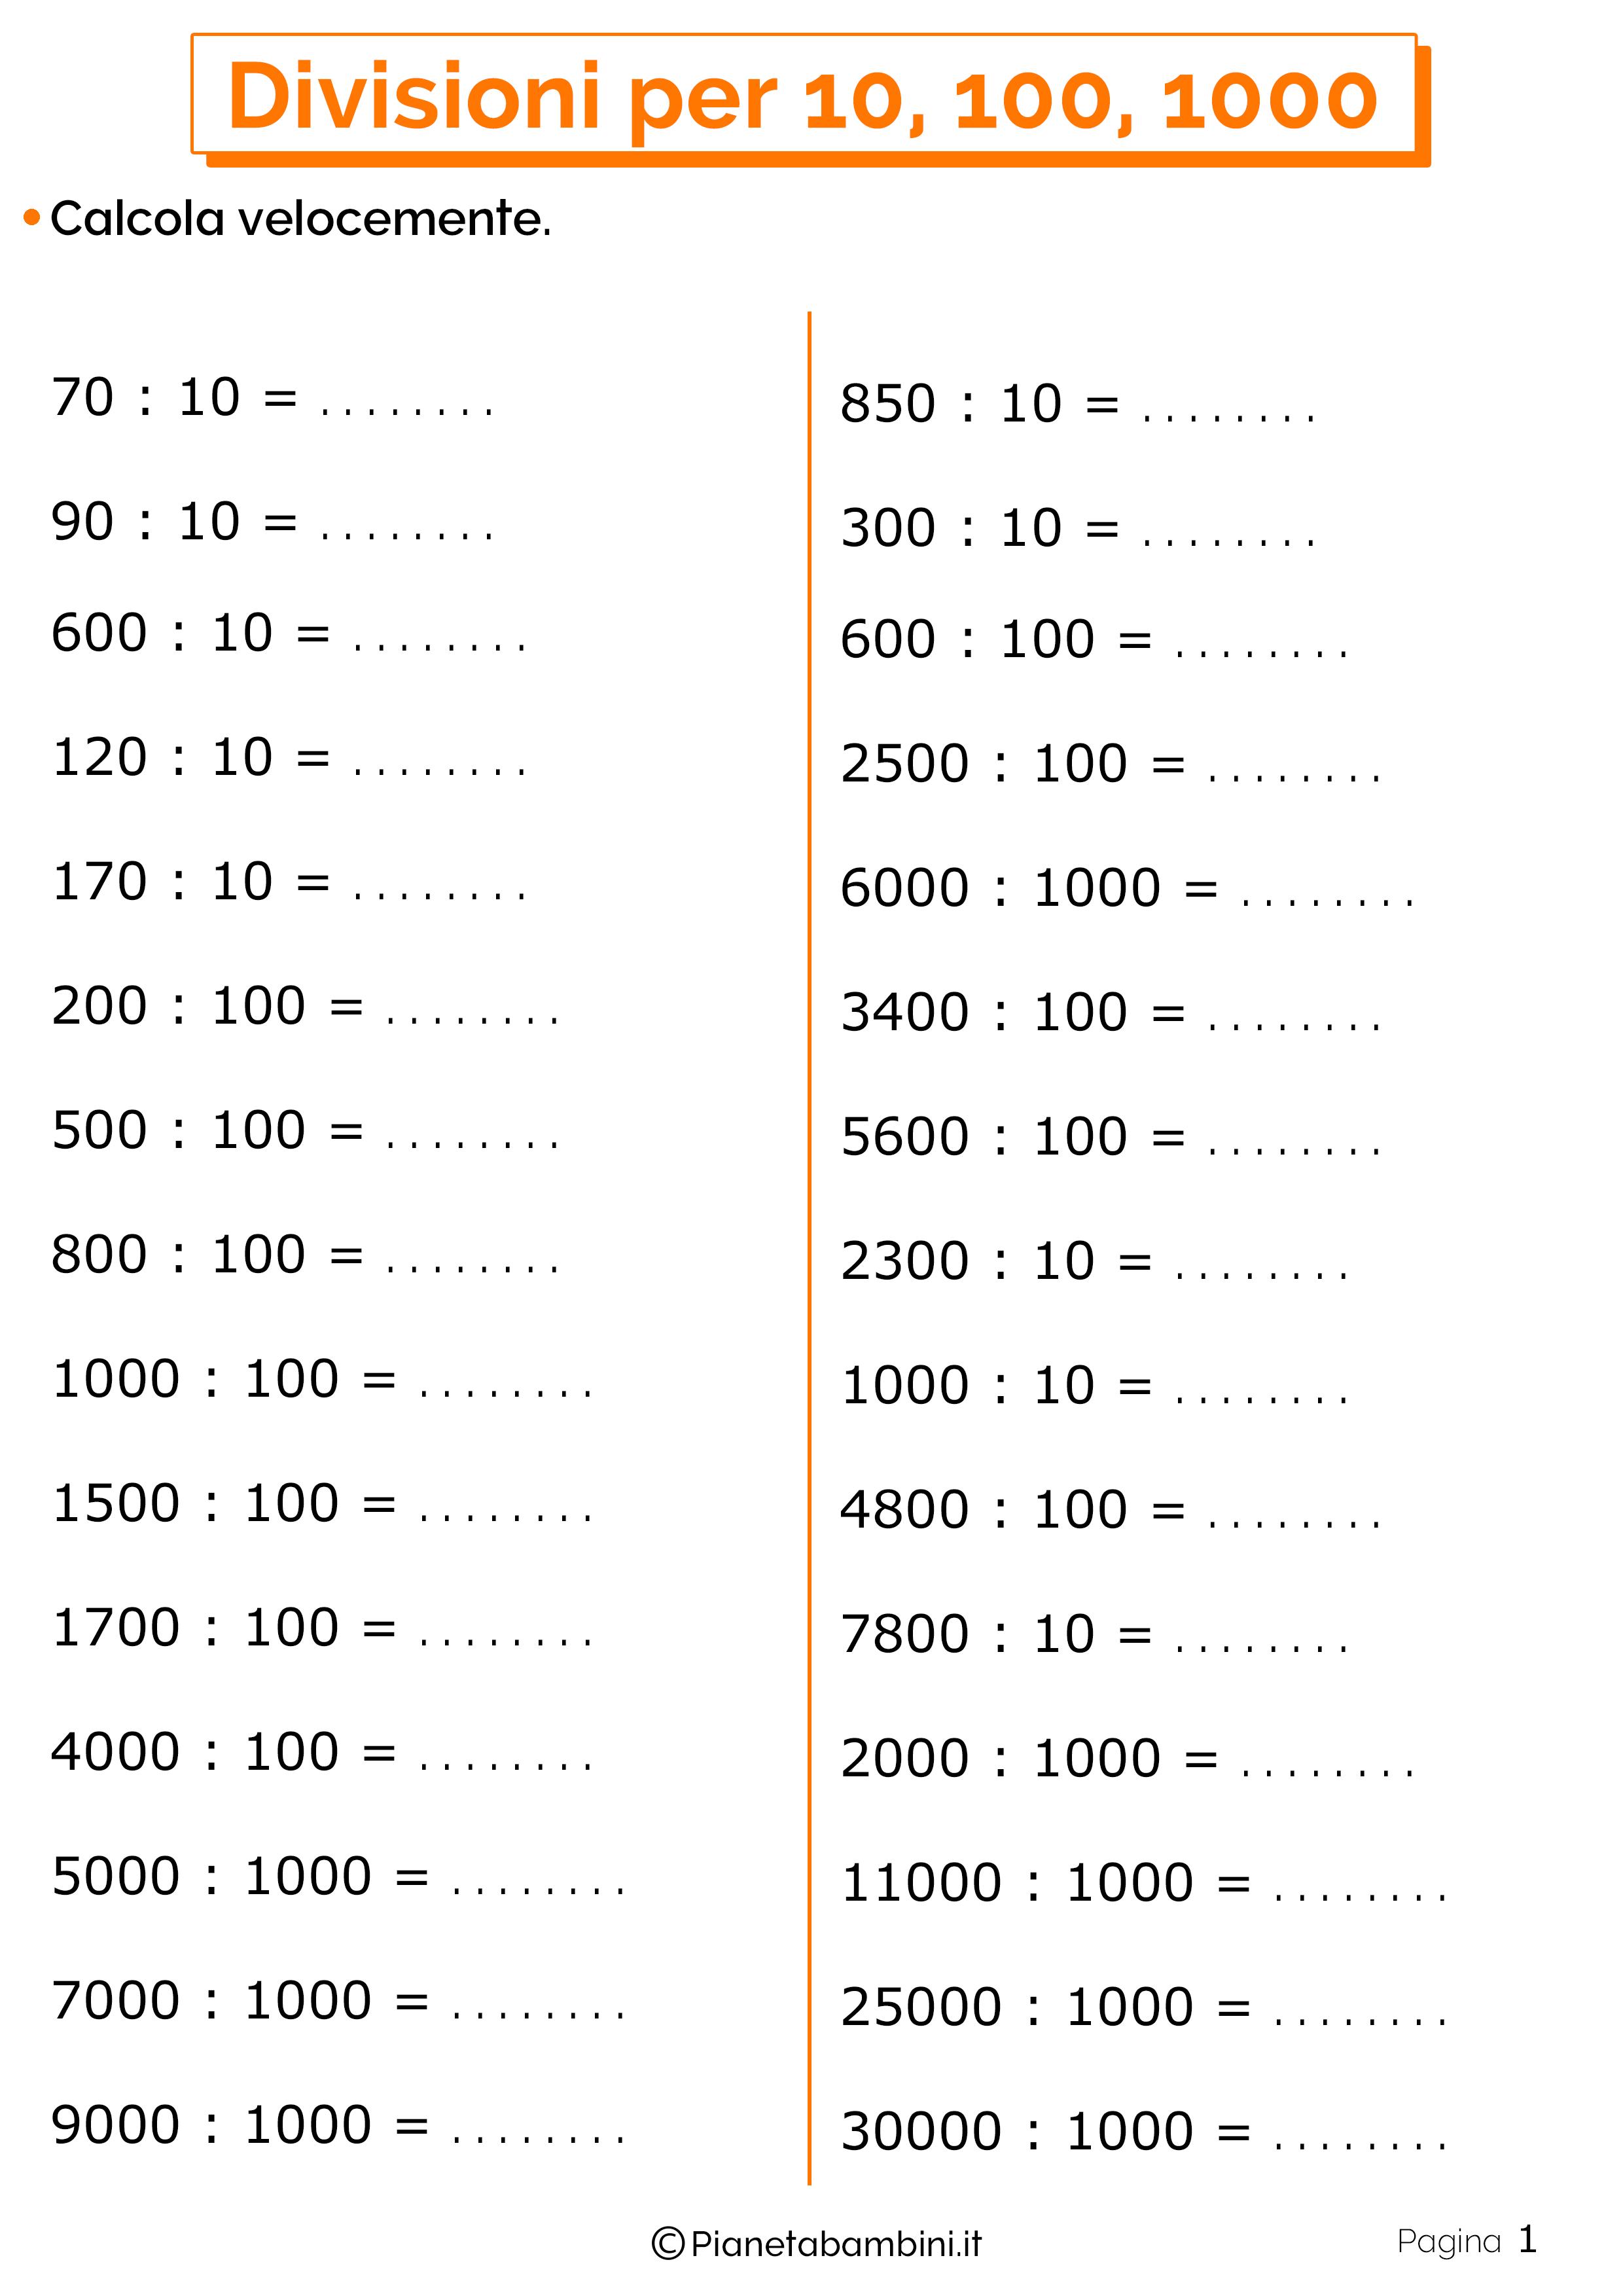 Schede didattiche divisioni per 10-100-1000 1